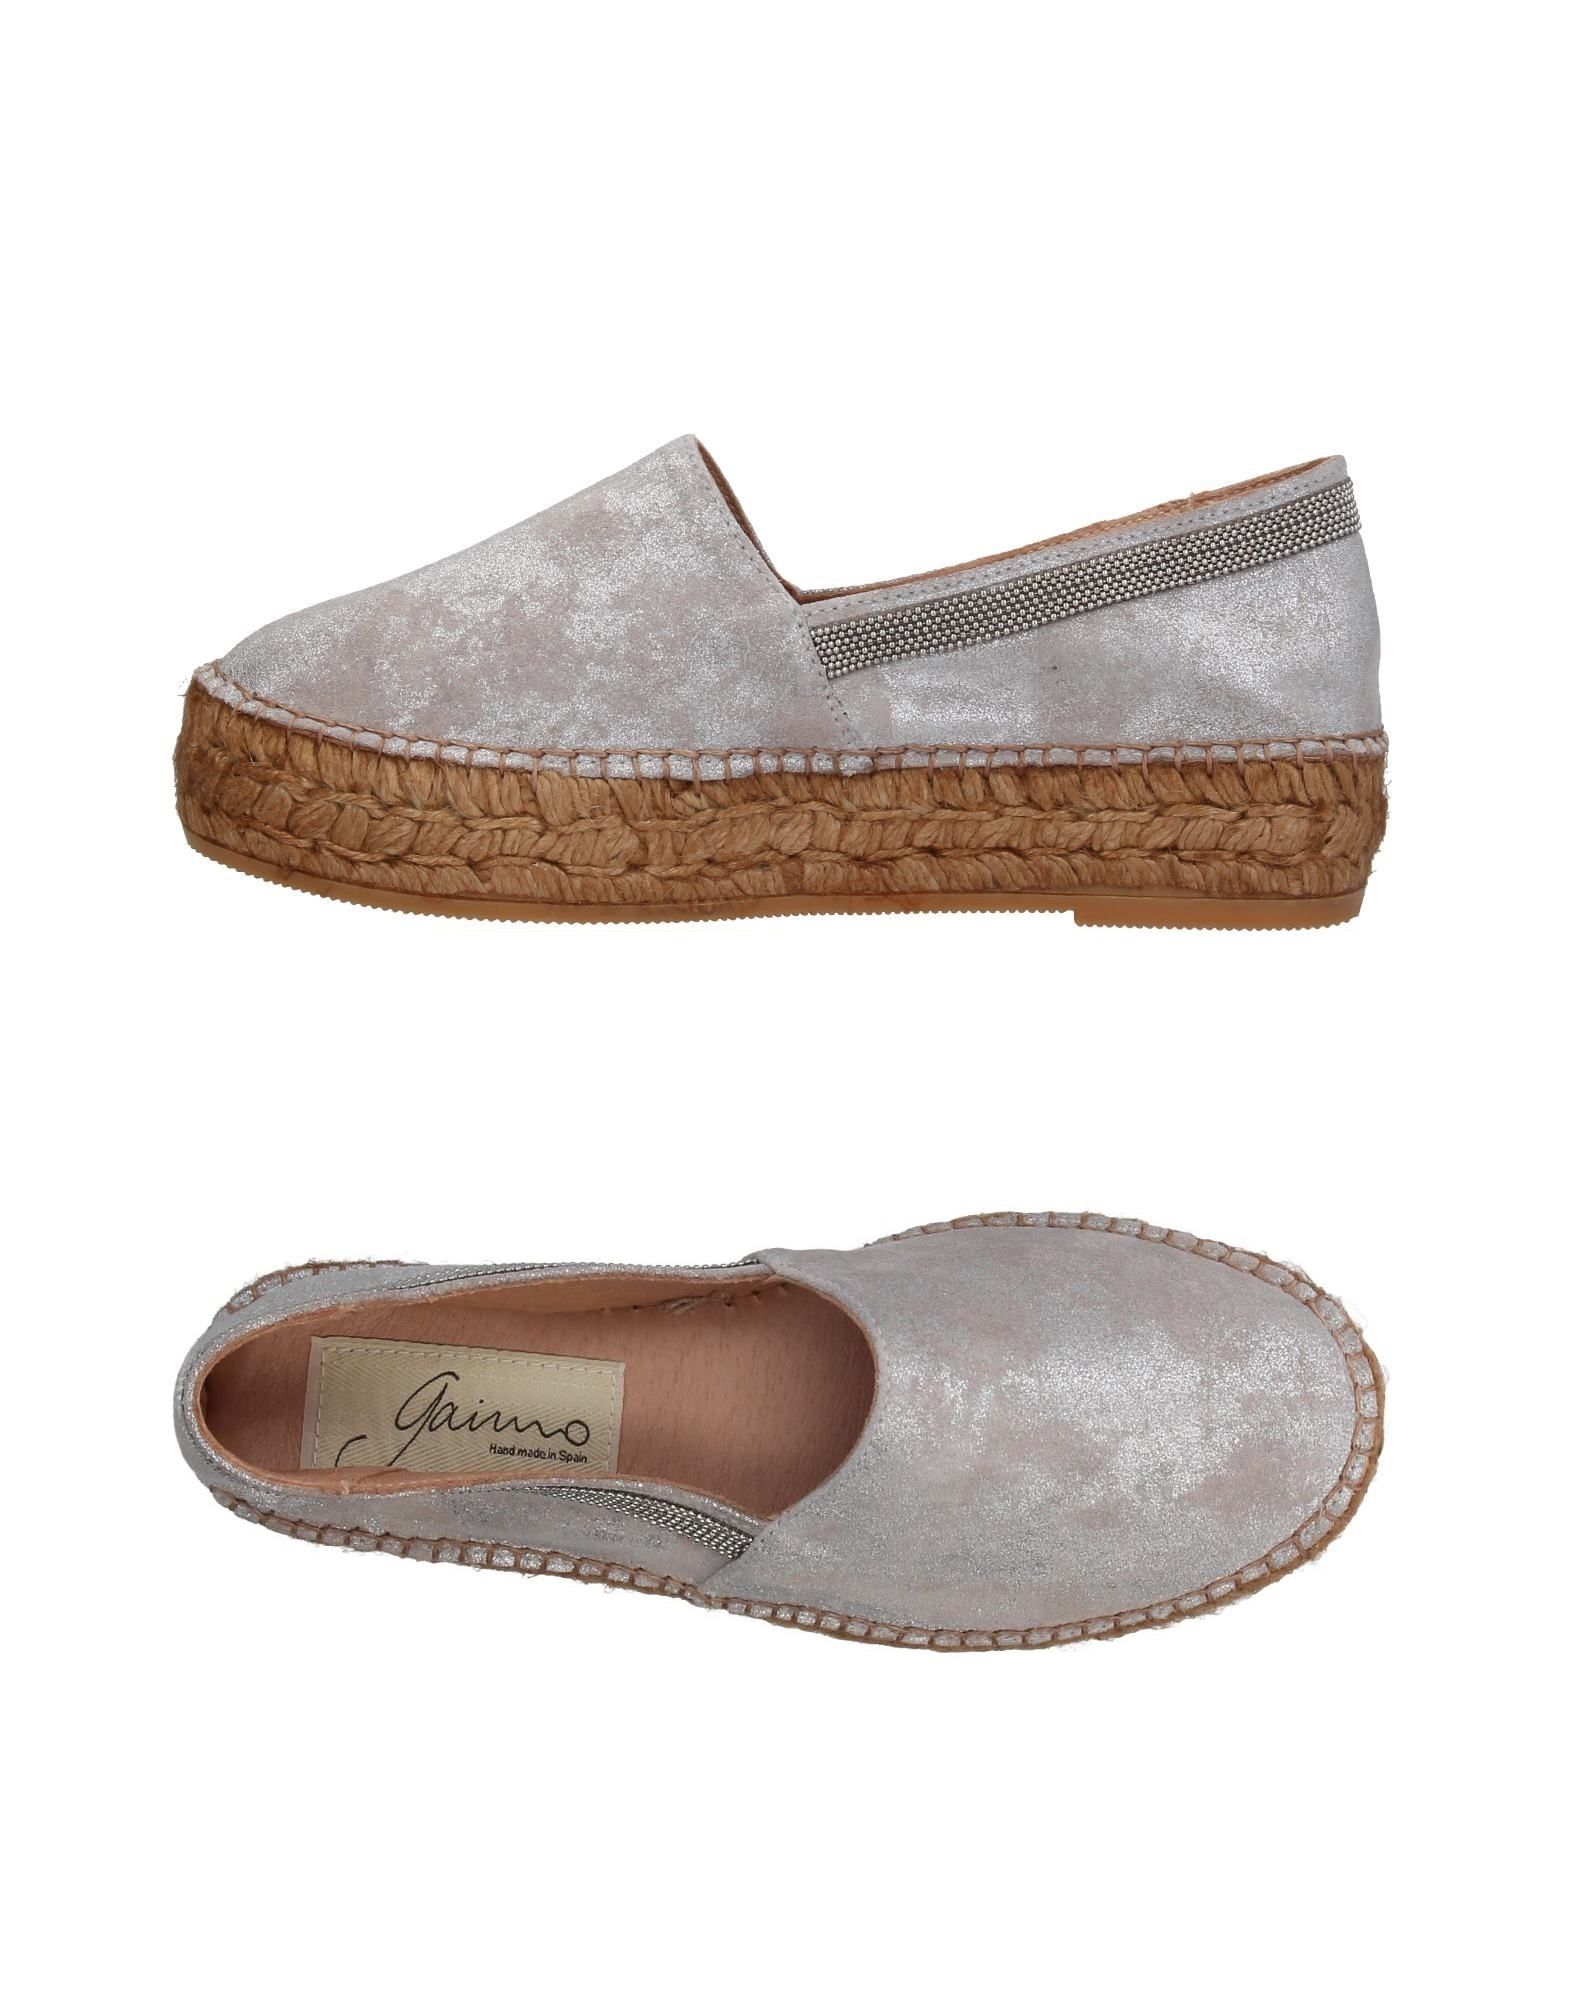 Gaimo Espadrilles Damen  11384008KA Gute Qualität beliebte Schuhe